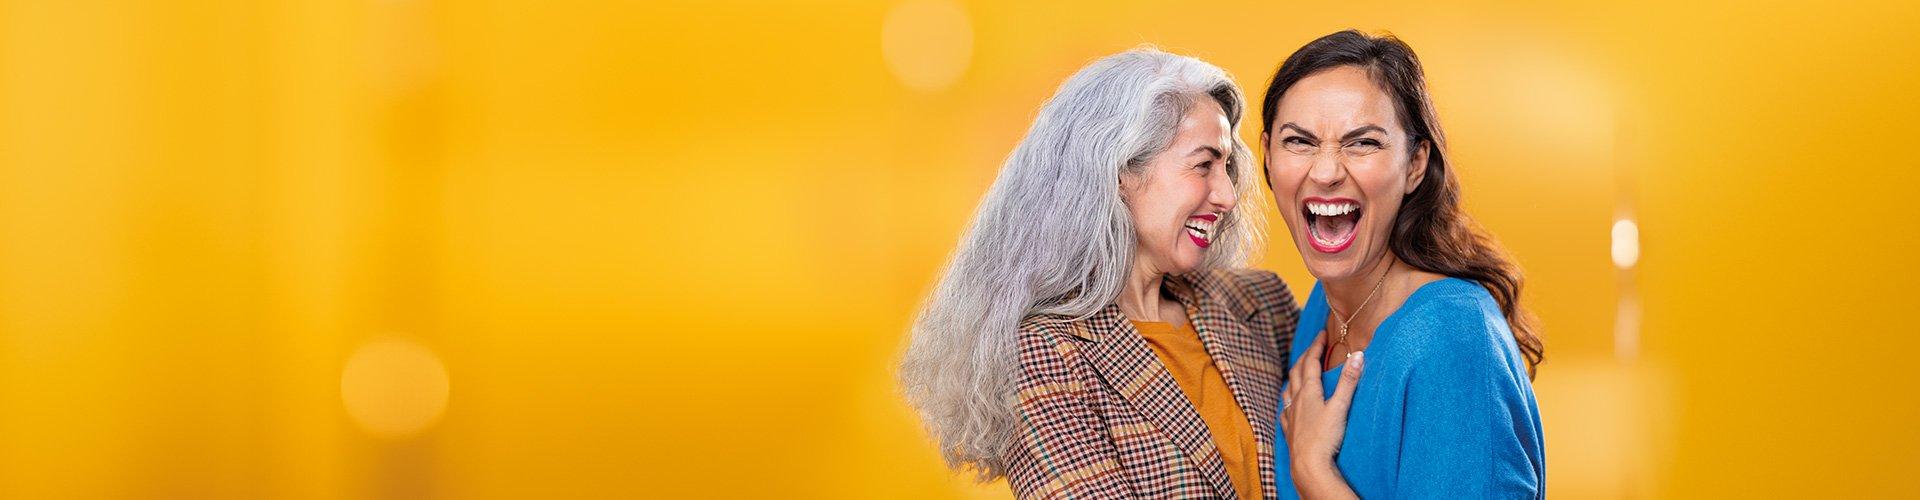 Dos mujeres de mediana edad abrazándose. Uno usa audífonos Philips HearLink en el oído.